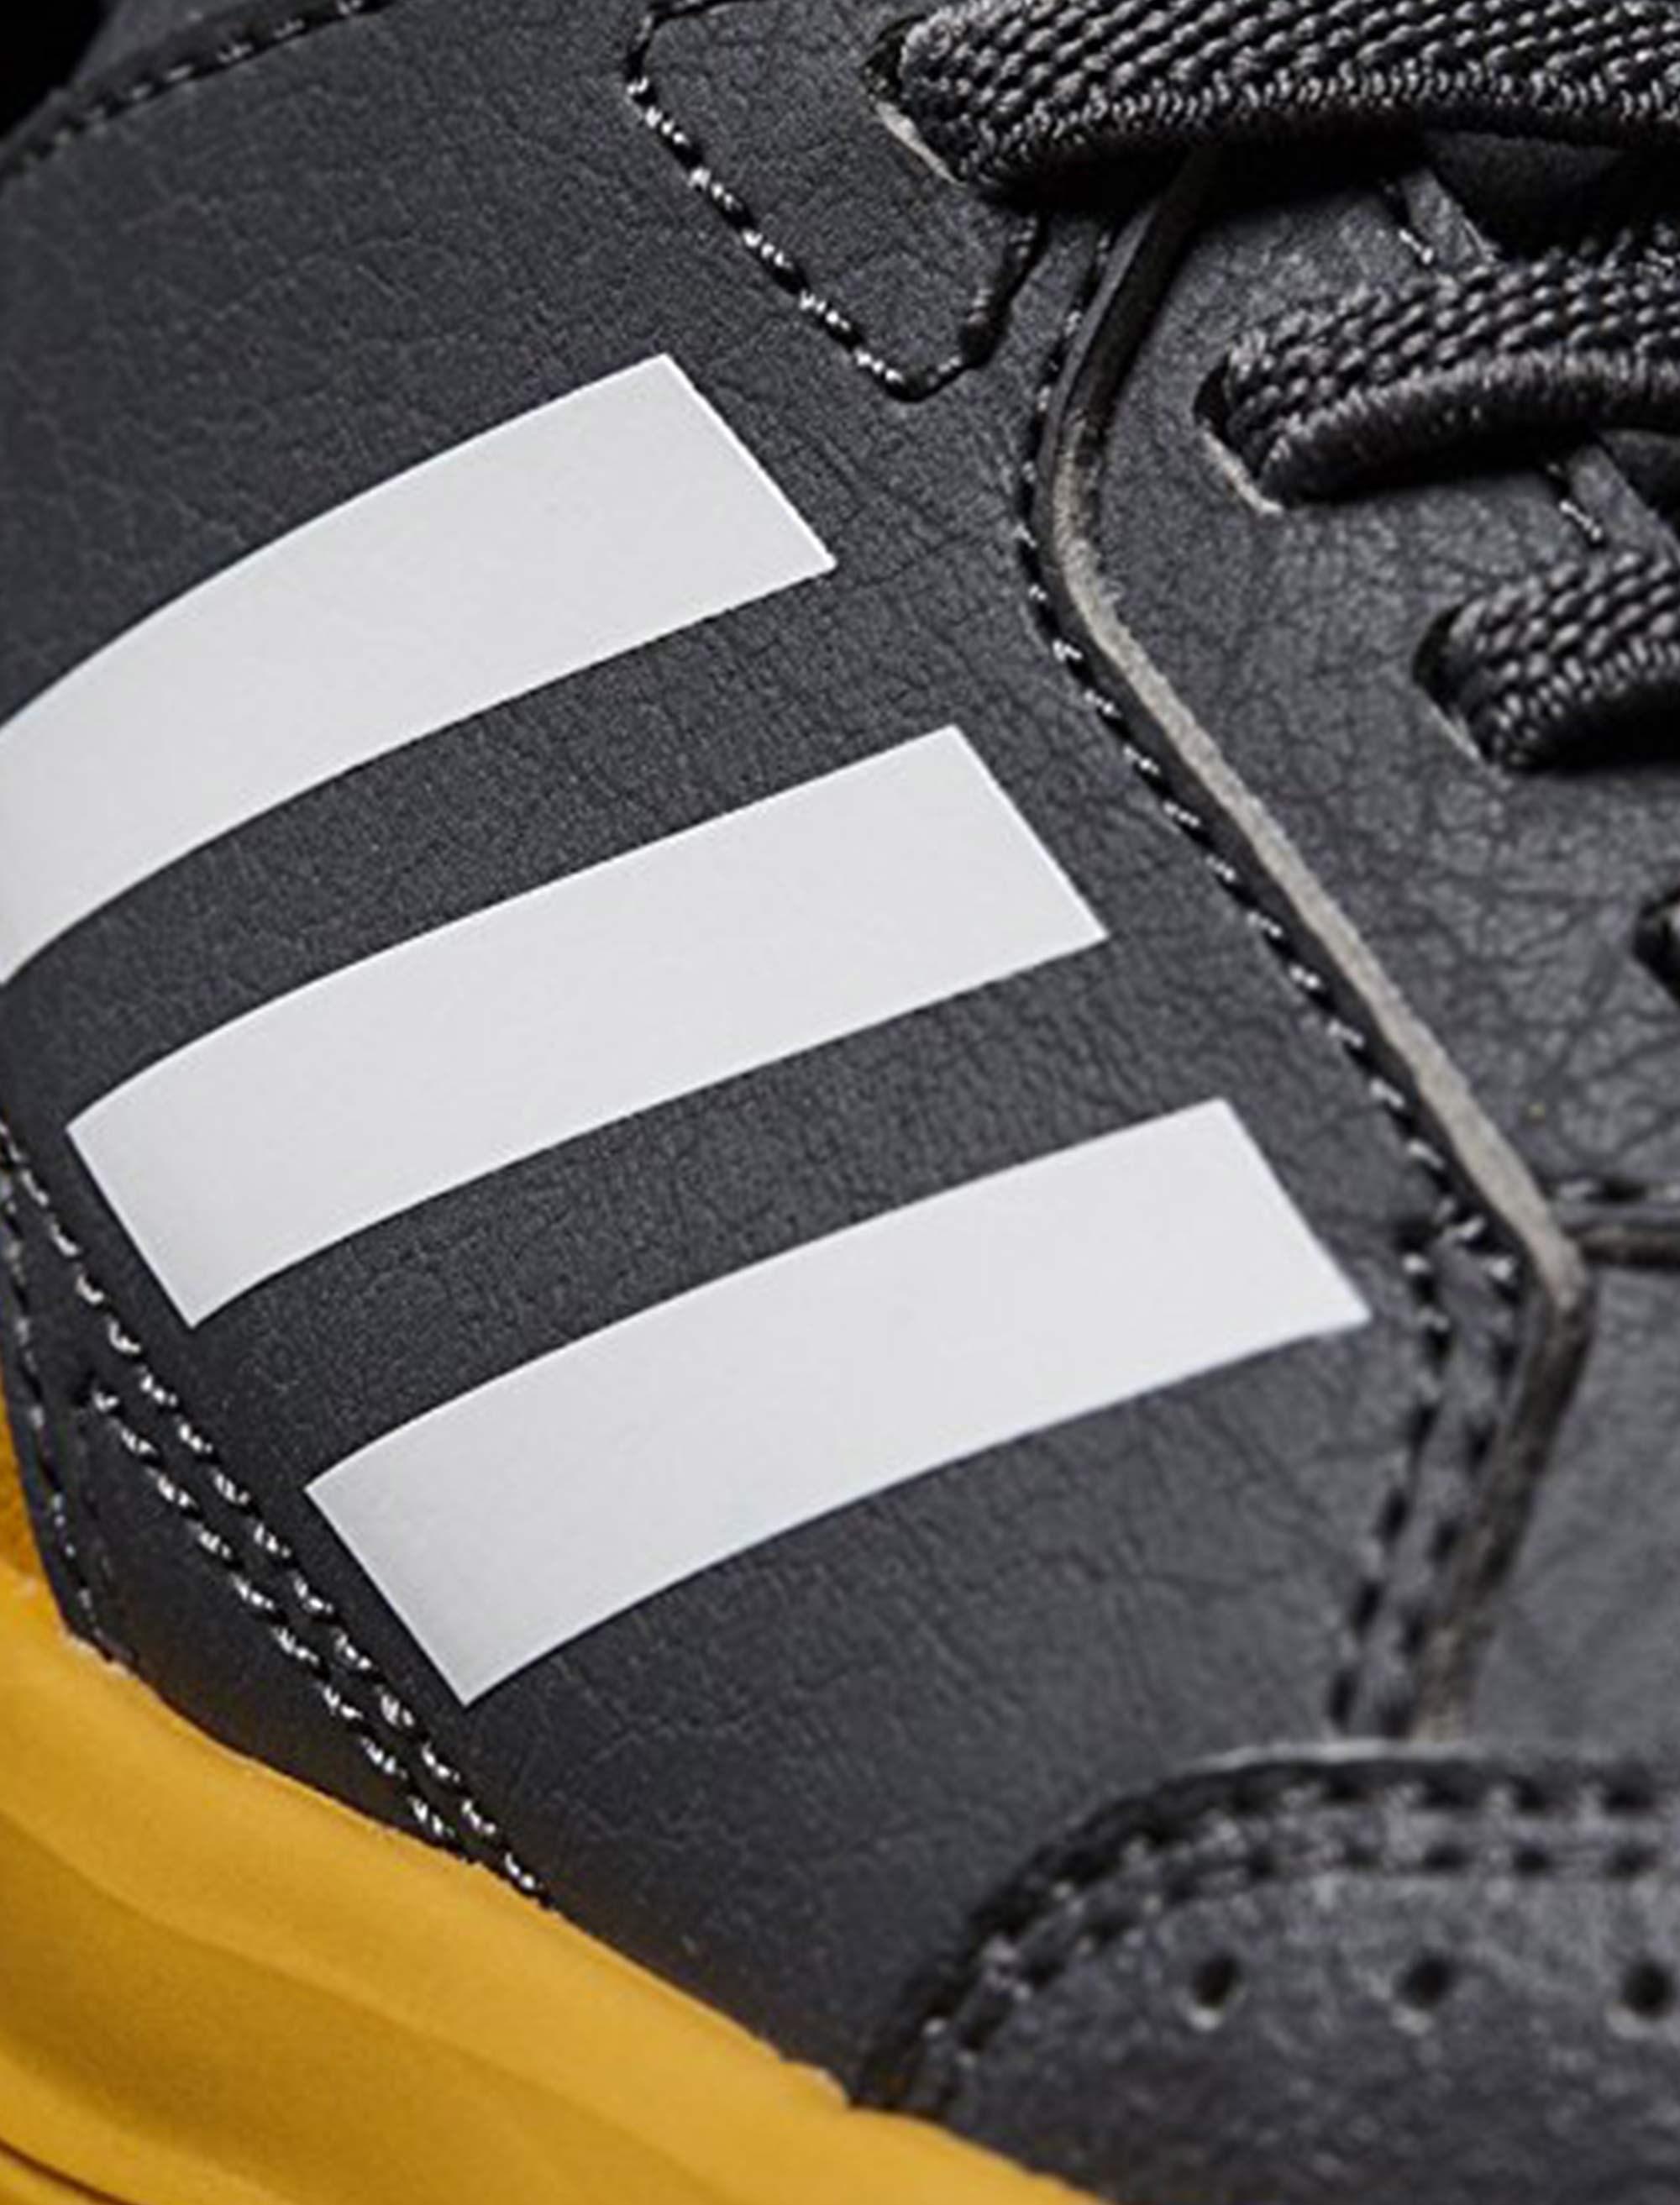 کفش دویدن چسبی بچگانه Altasport Mid EL I - آدیداس - طوسي - 7